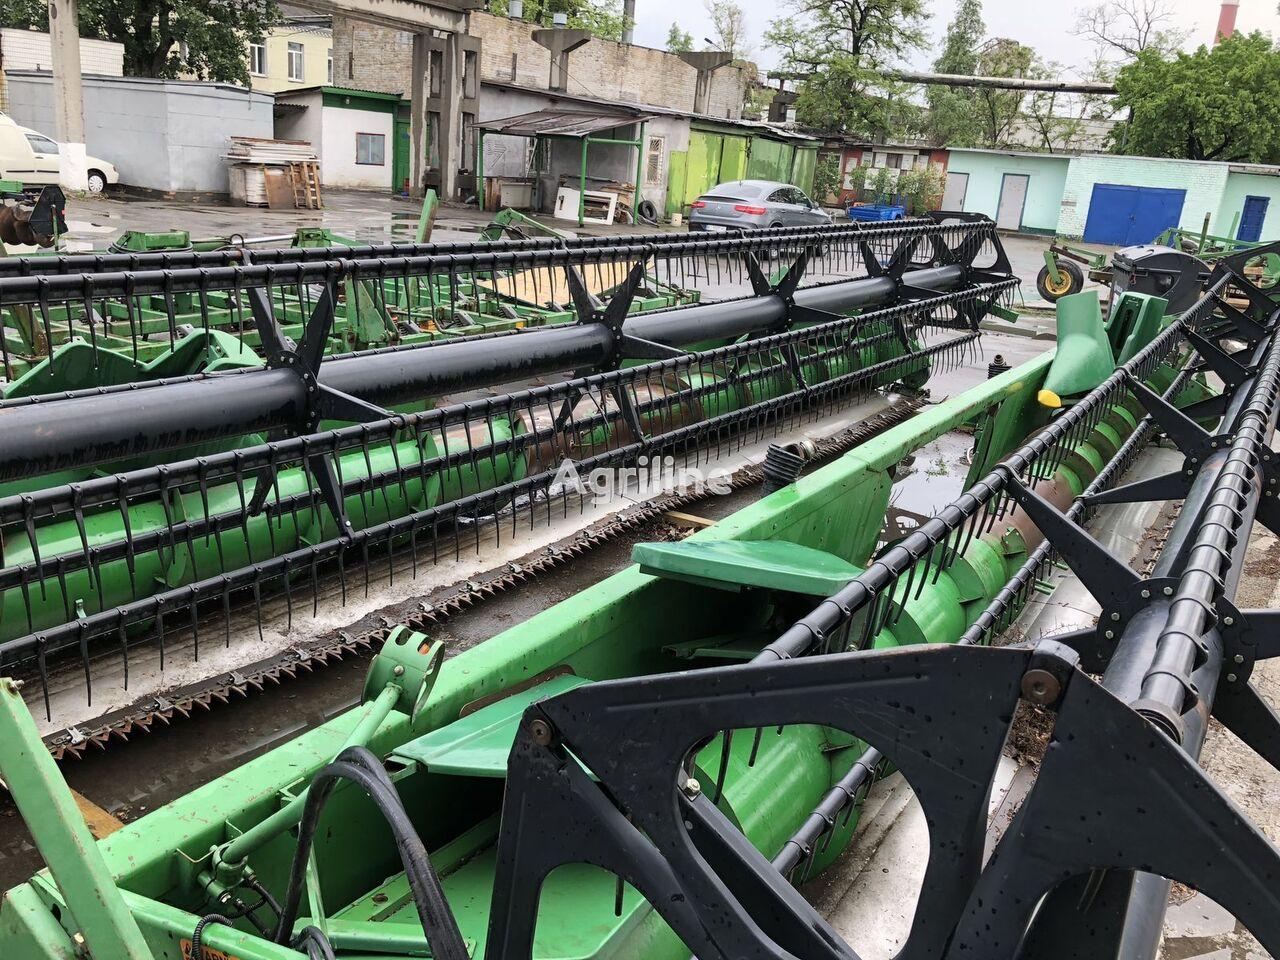 жниварка JOHN DEERE 930 F ЖАТКА ФЛЕКС 9 м, из США в наличии в Киеве, пластик делител